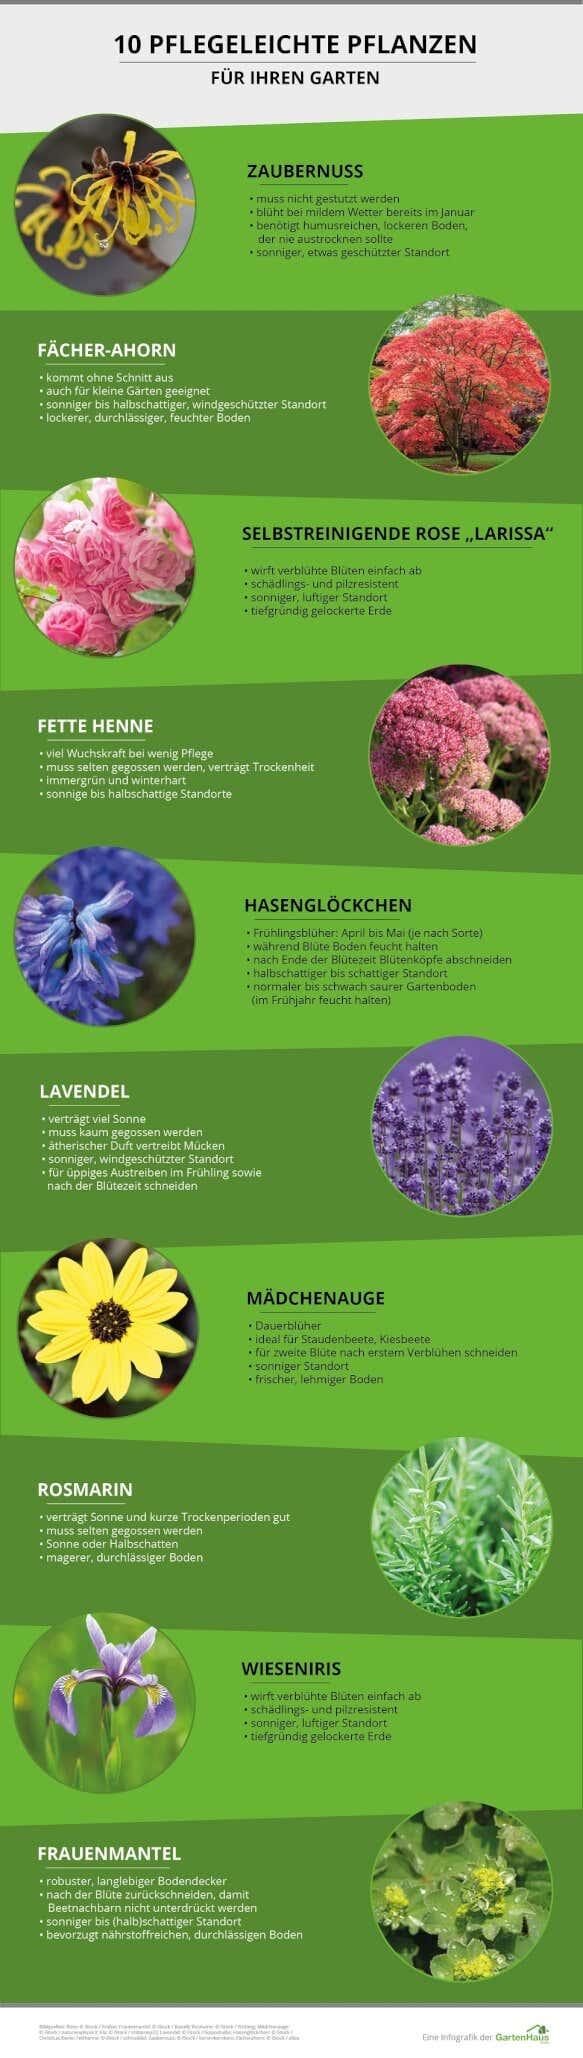 10 Pflegeleichte Pflanzen